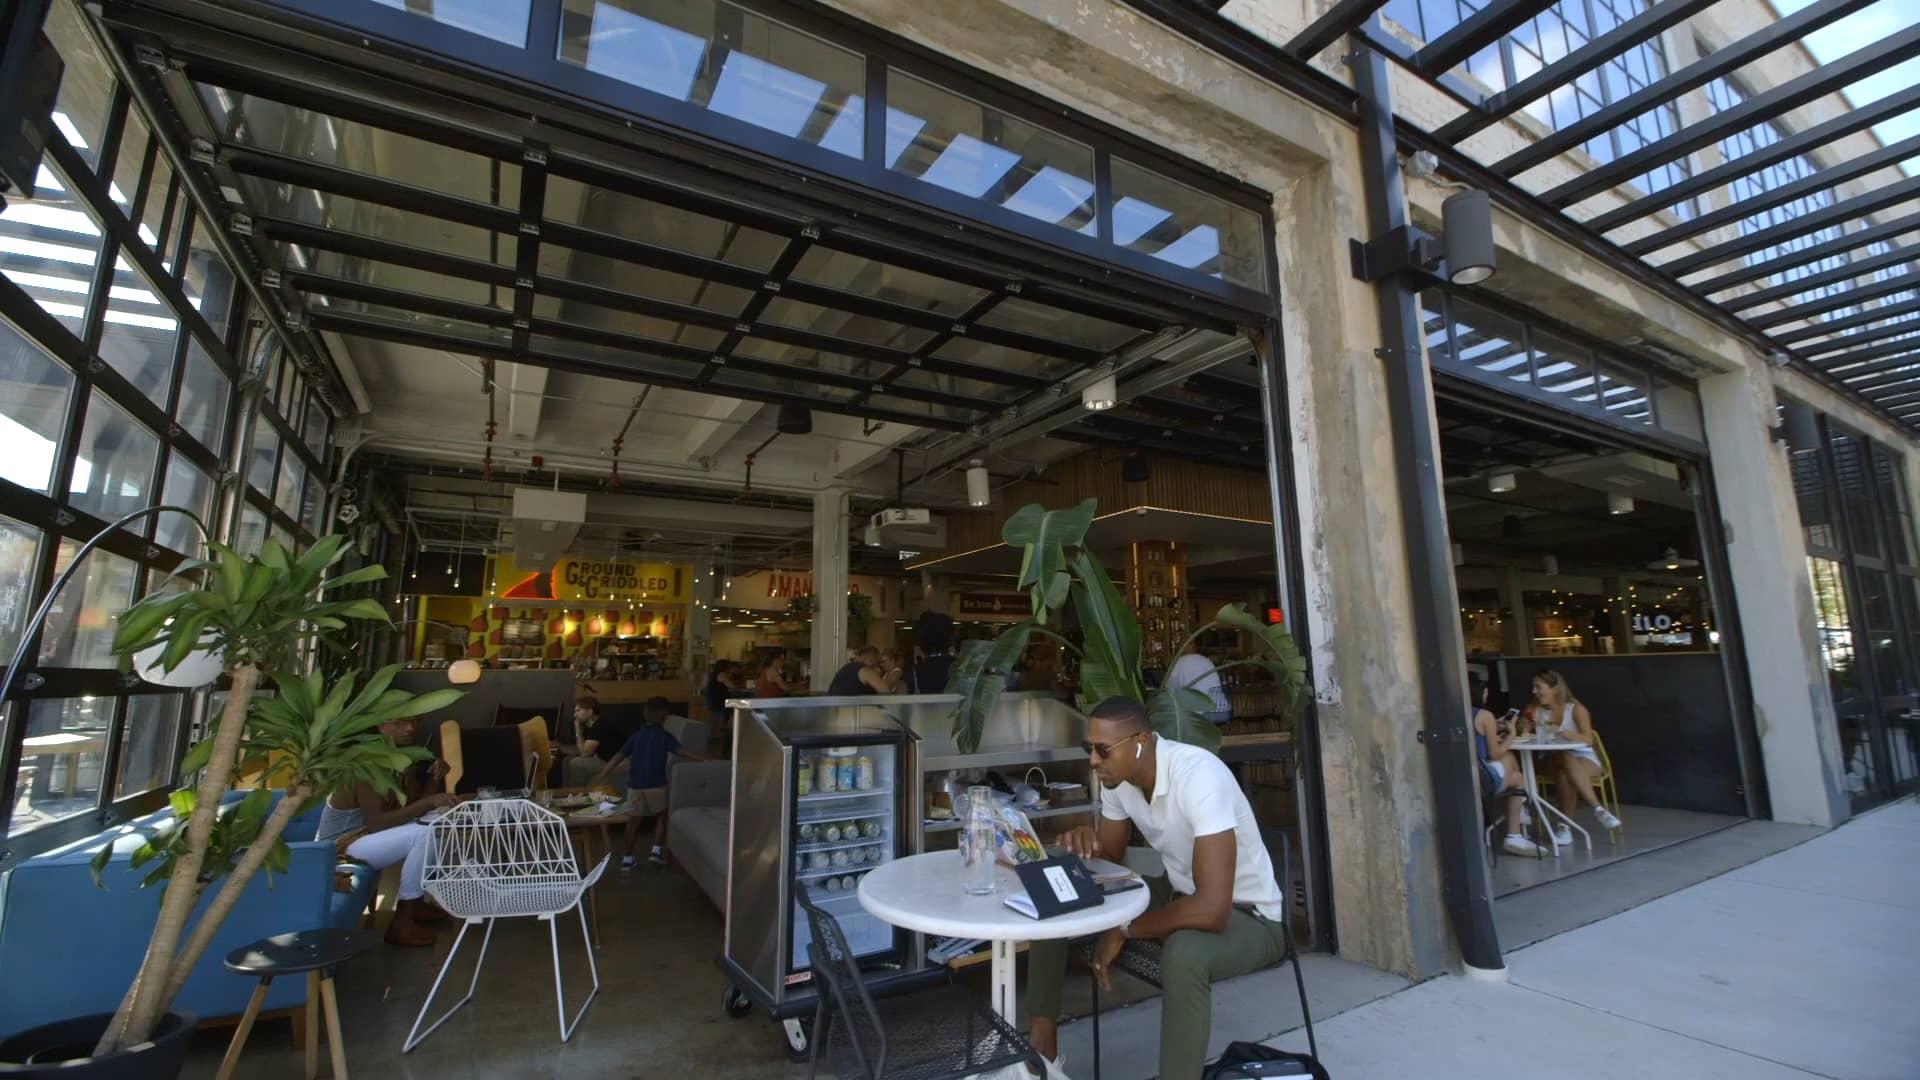 Commercial - Restaurants